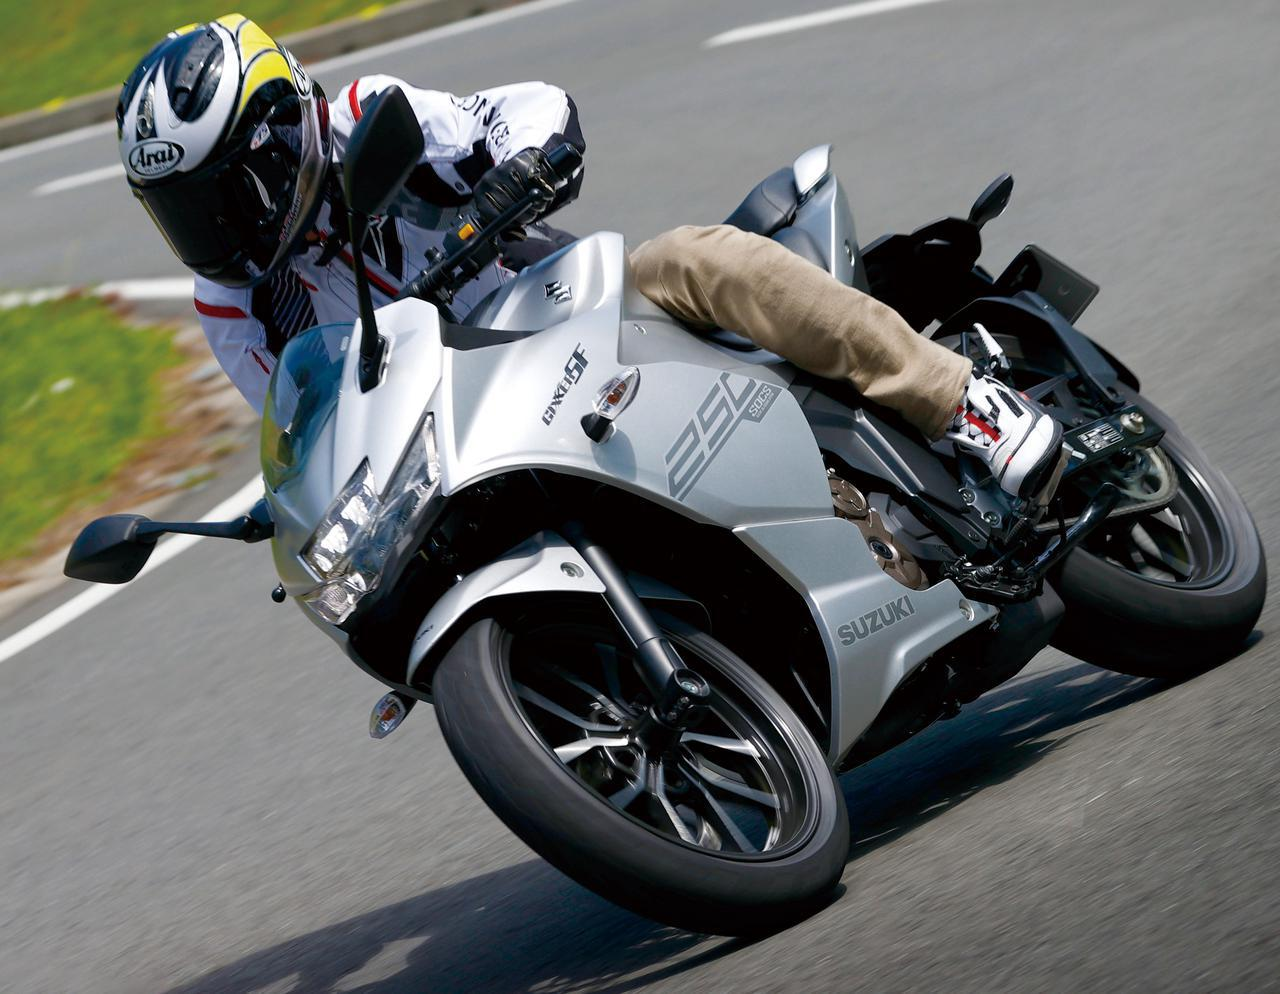 画像: スズキ「ジクサーSF250」油冷エンジンを搭載した新型250ccスポーツバイクの実力を徹底検証!【試乗インプレ・車両解説】(2020年) - webオートバイ